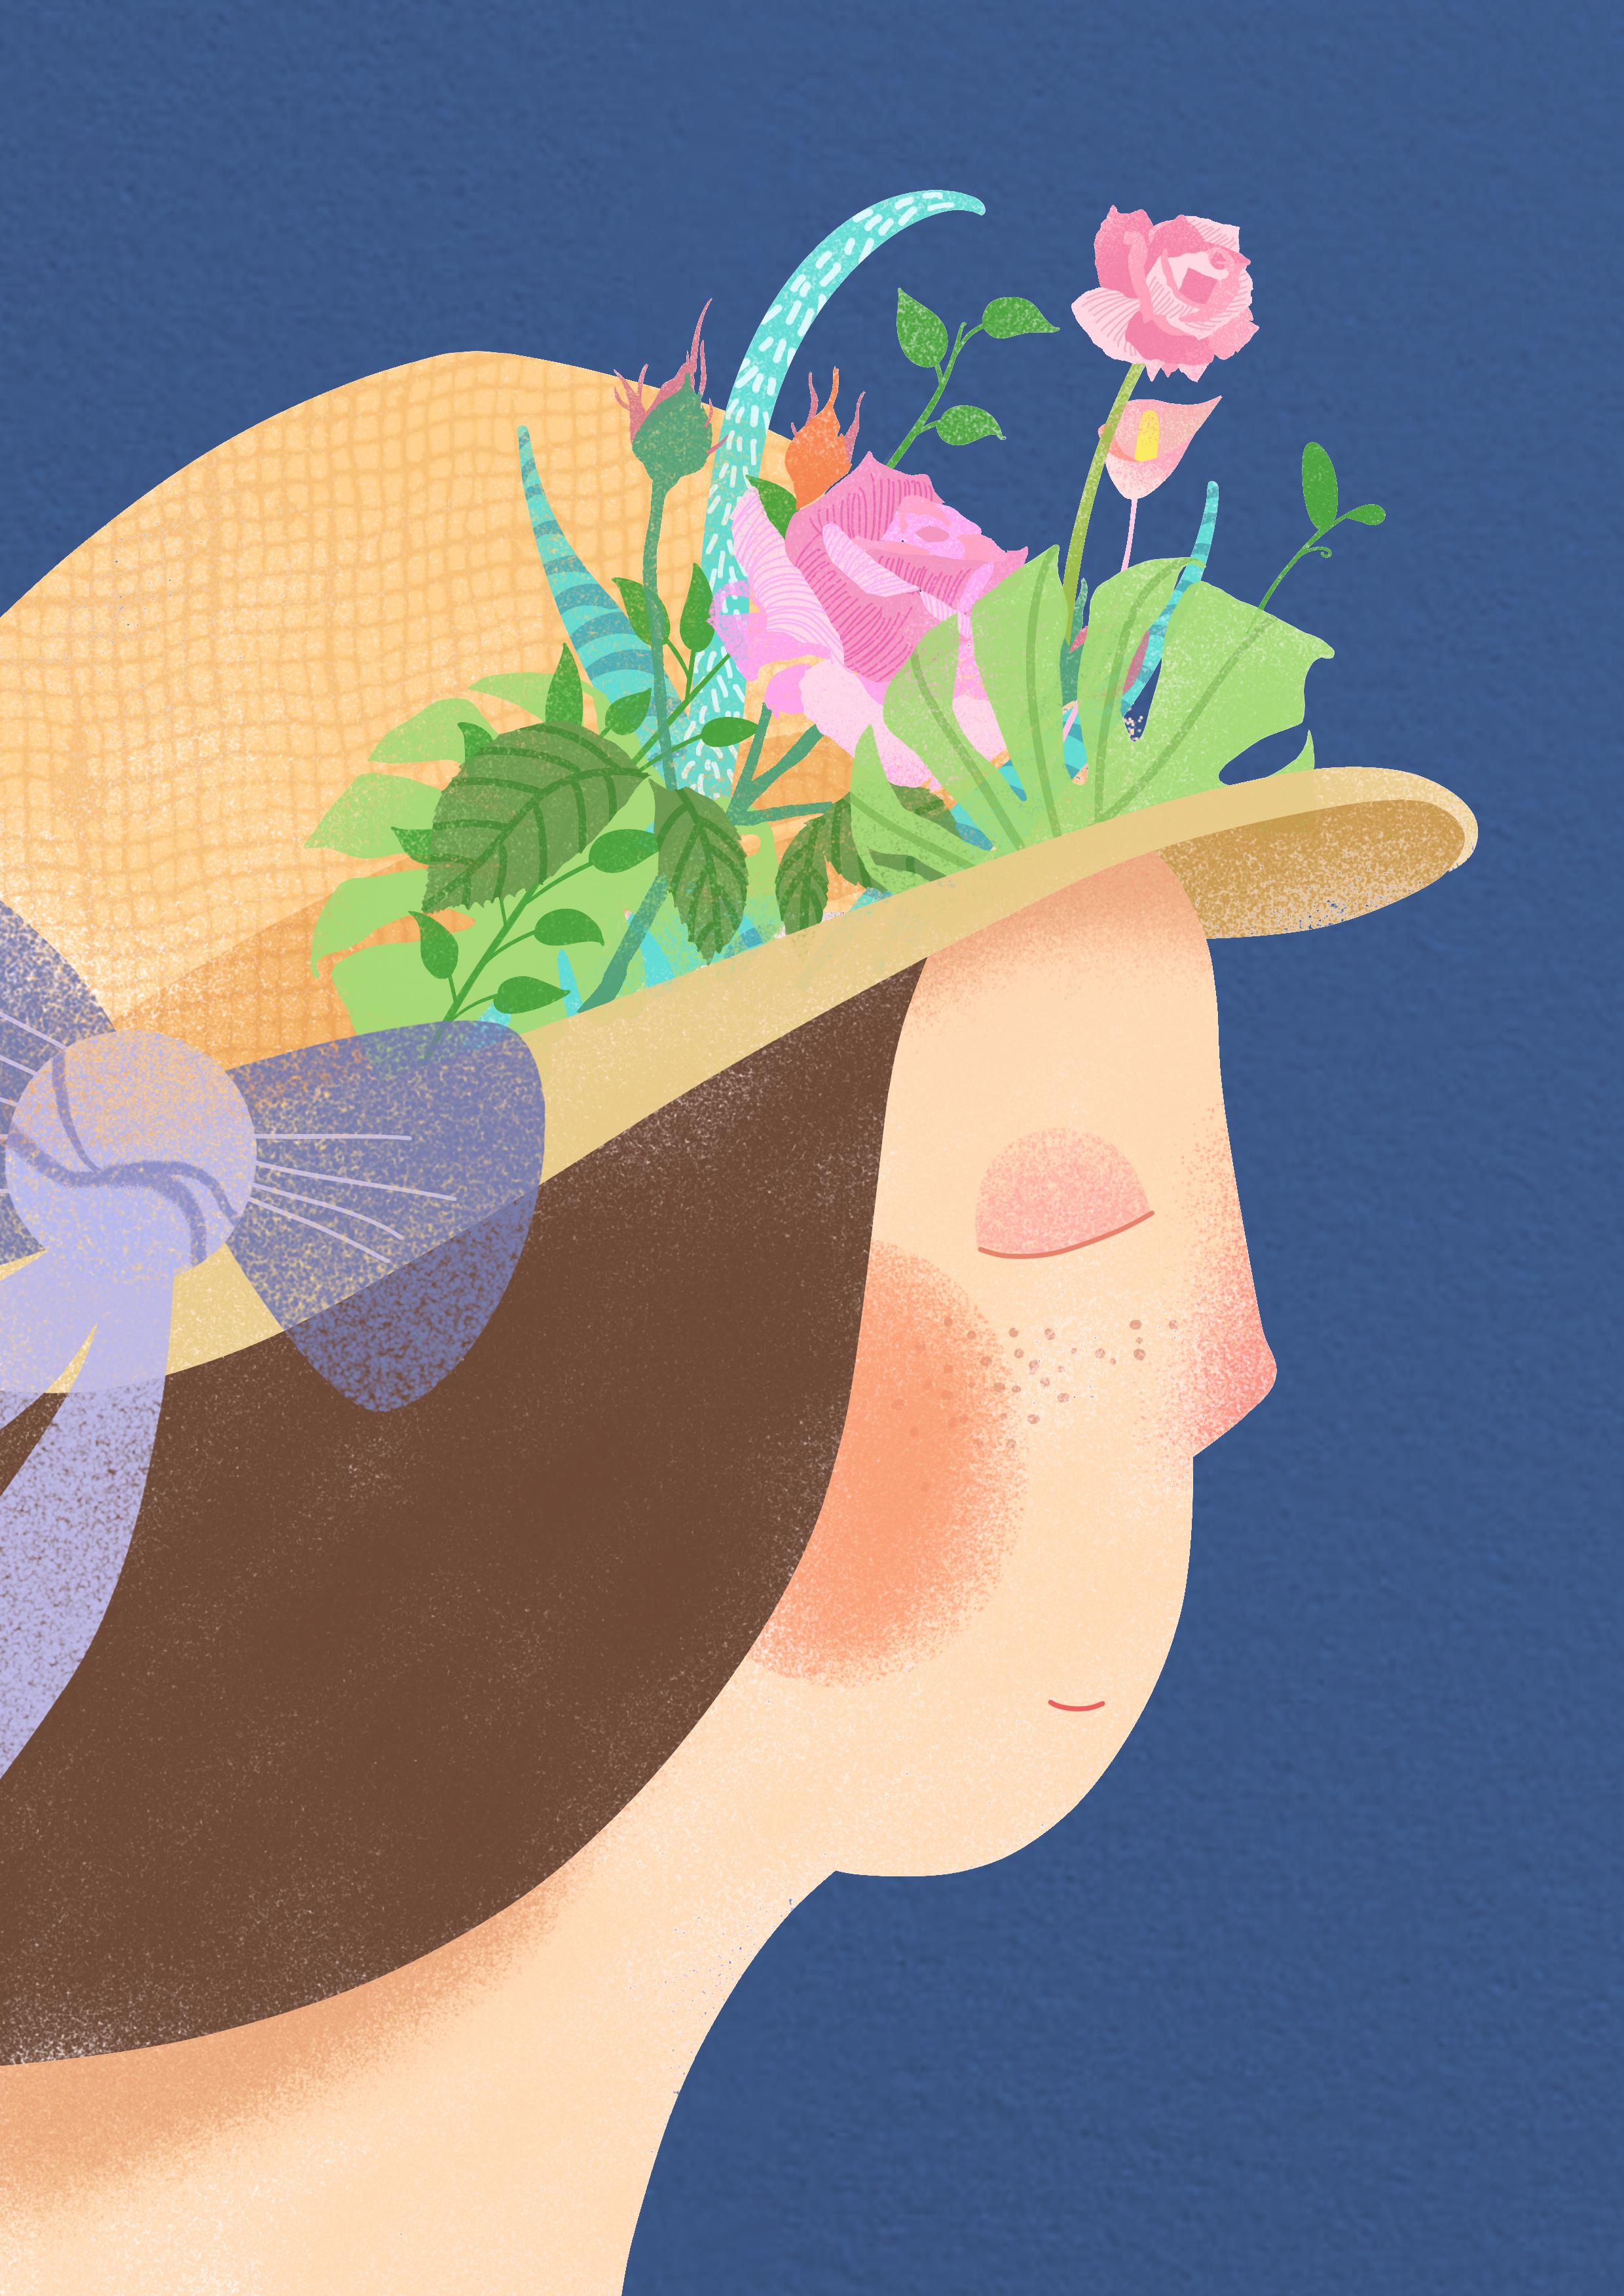 花与少女插画 原创数字手绘